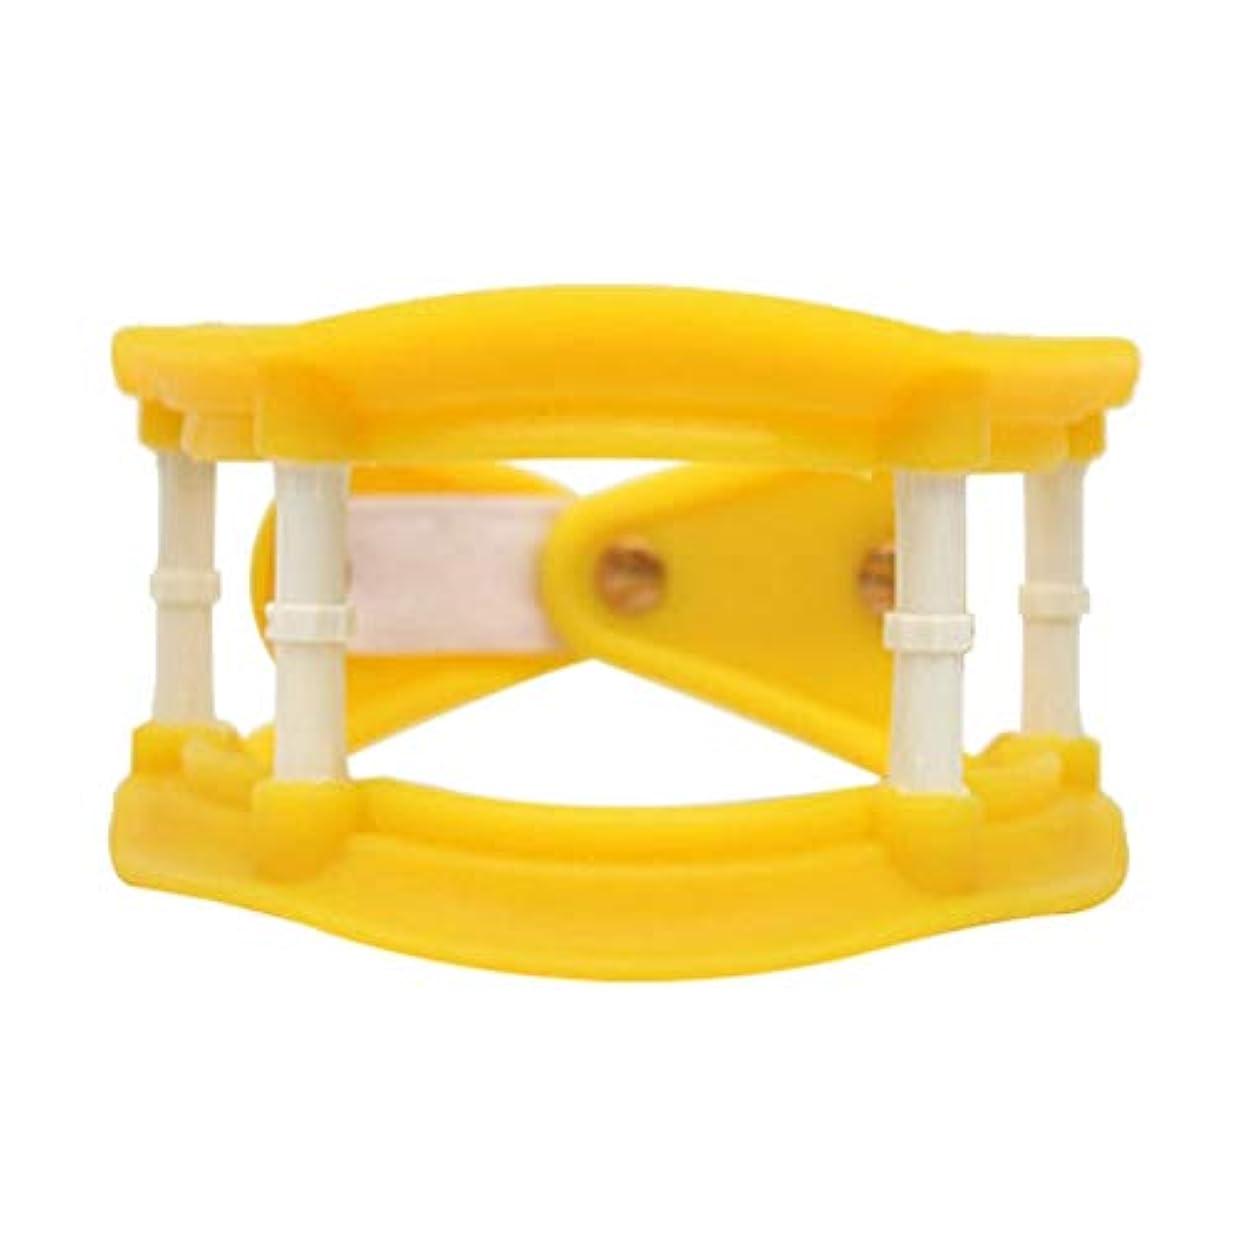 フォーカス喜ぶ北東Healifty 首の牽引通気性の首サポートブレース調整可能な首のつばの首の痛みを軽減します傷害回復(黄色)